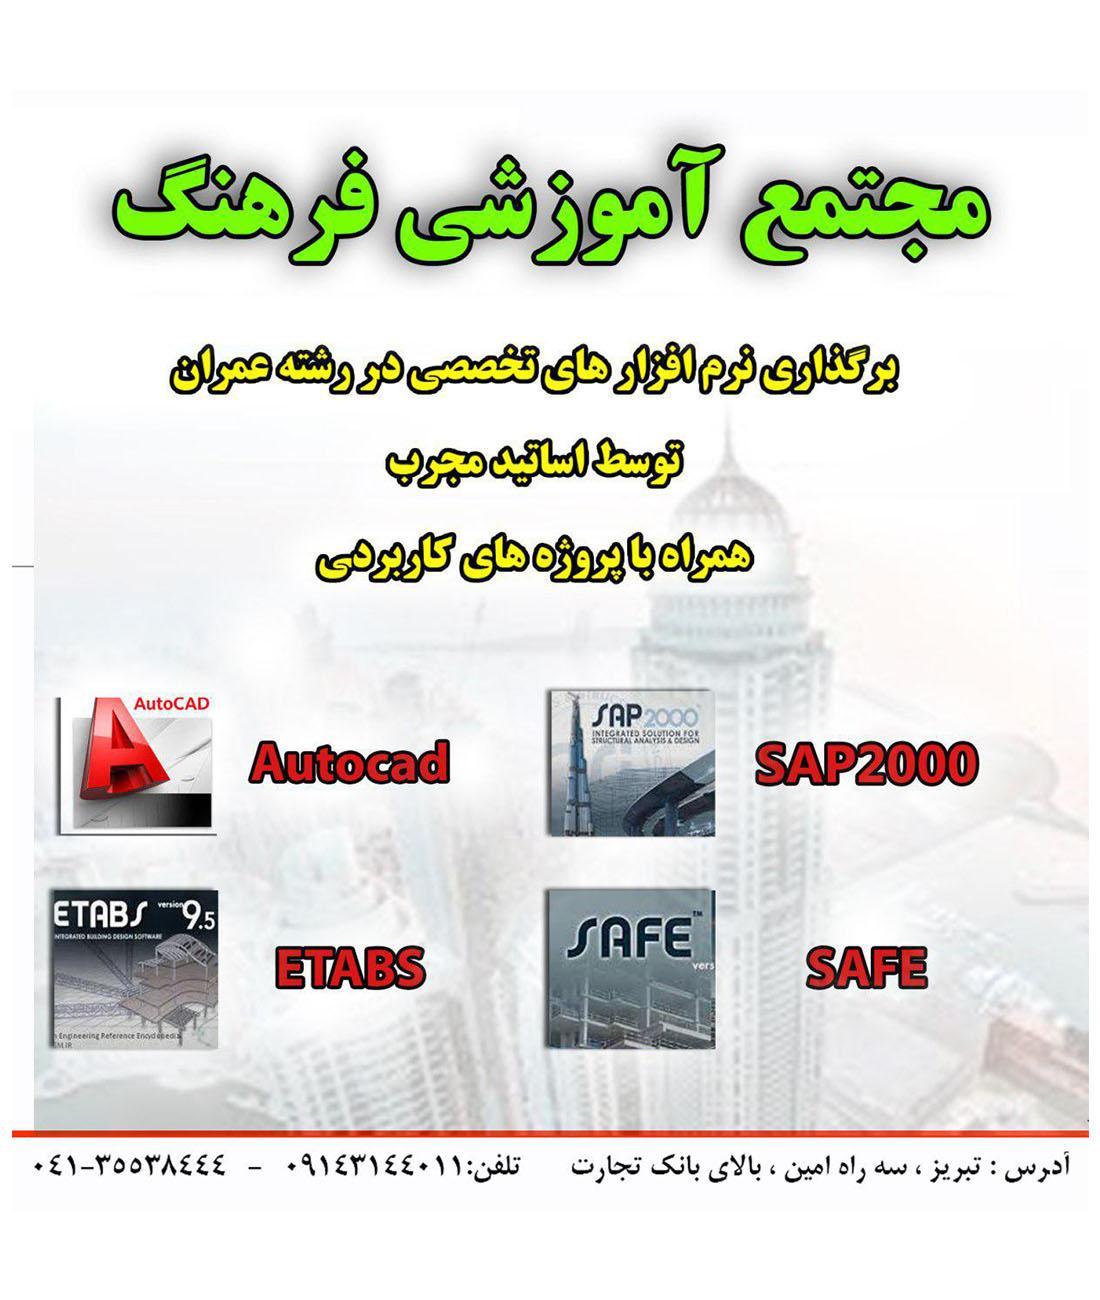 مدرک پداکوژی در تبریز